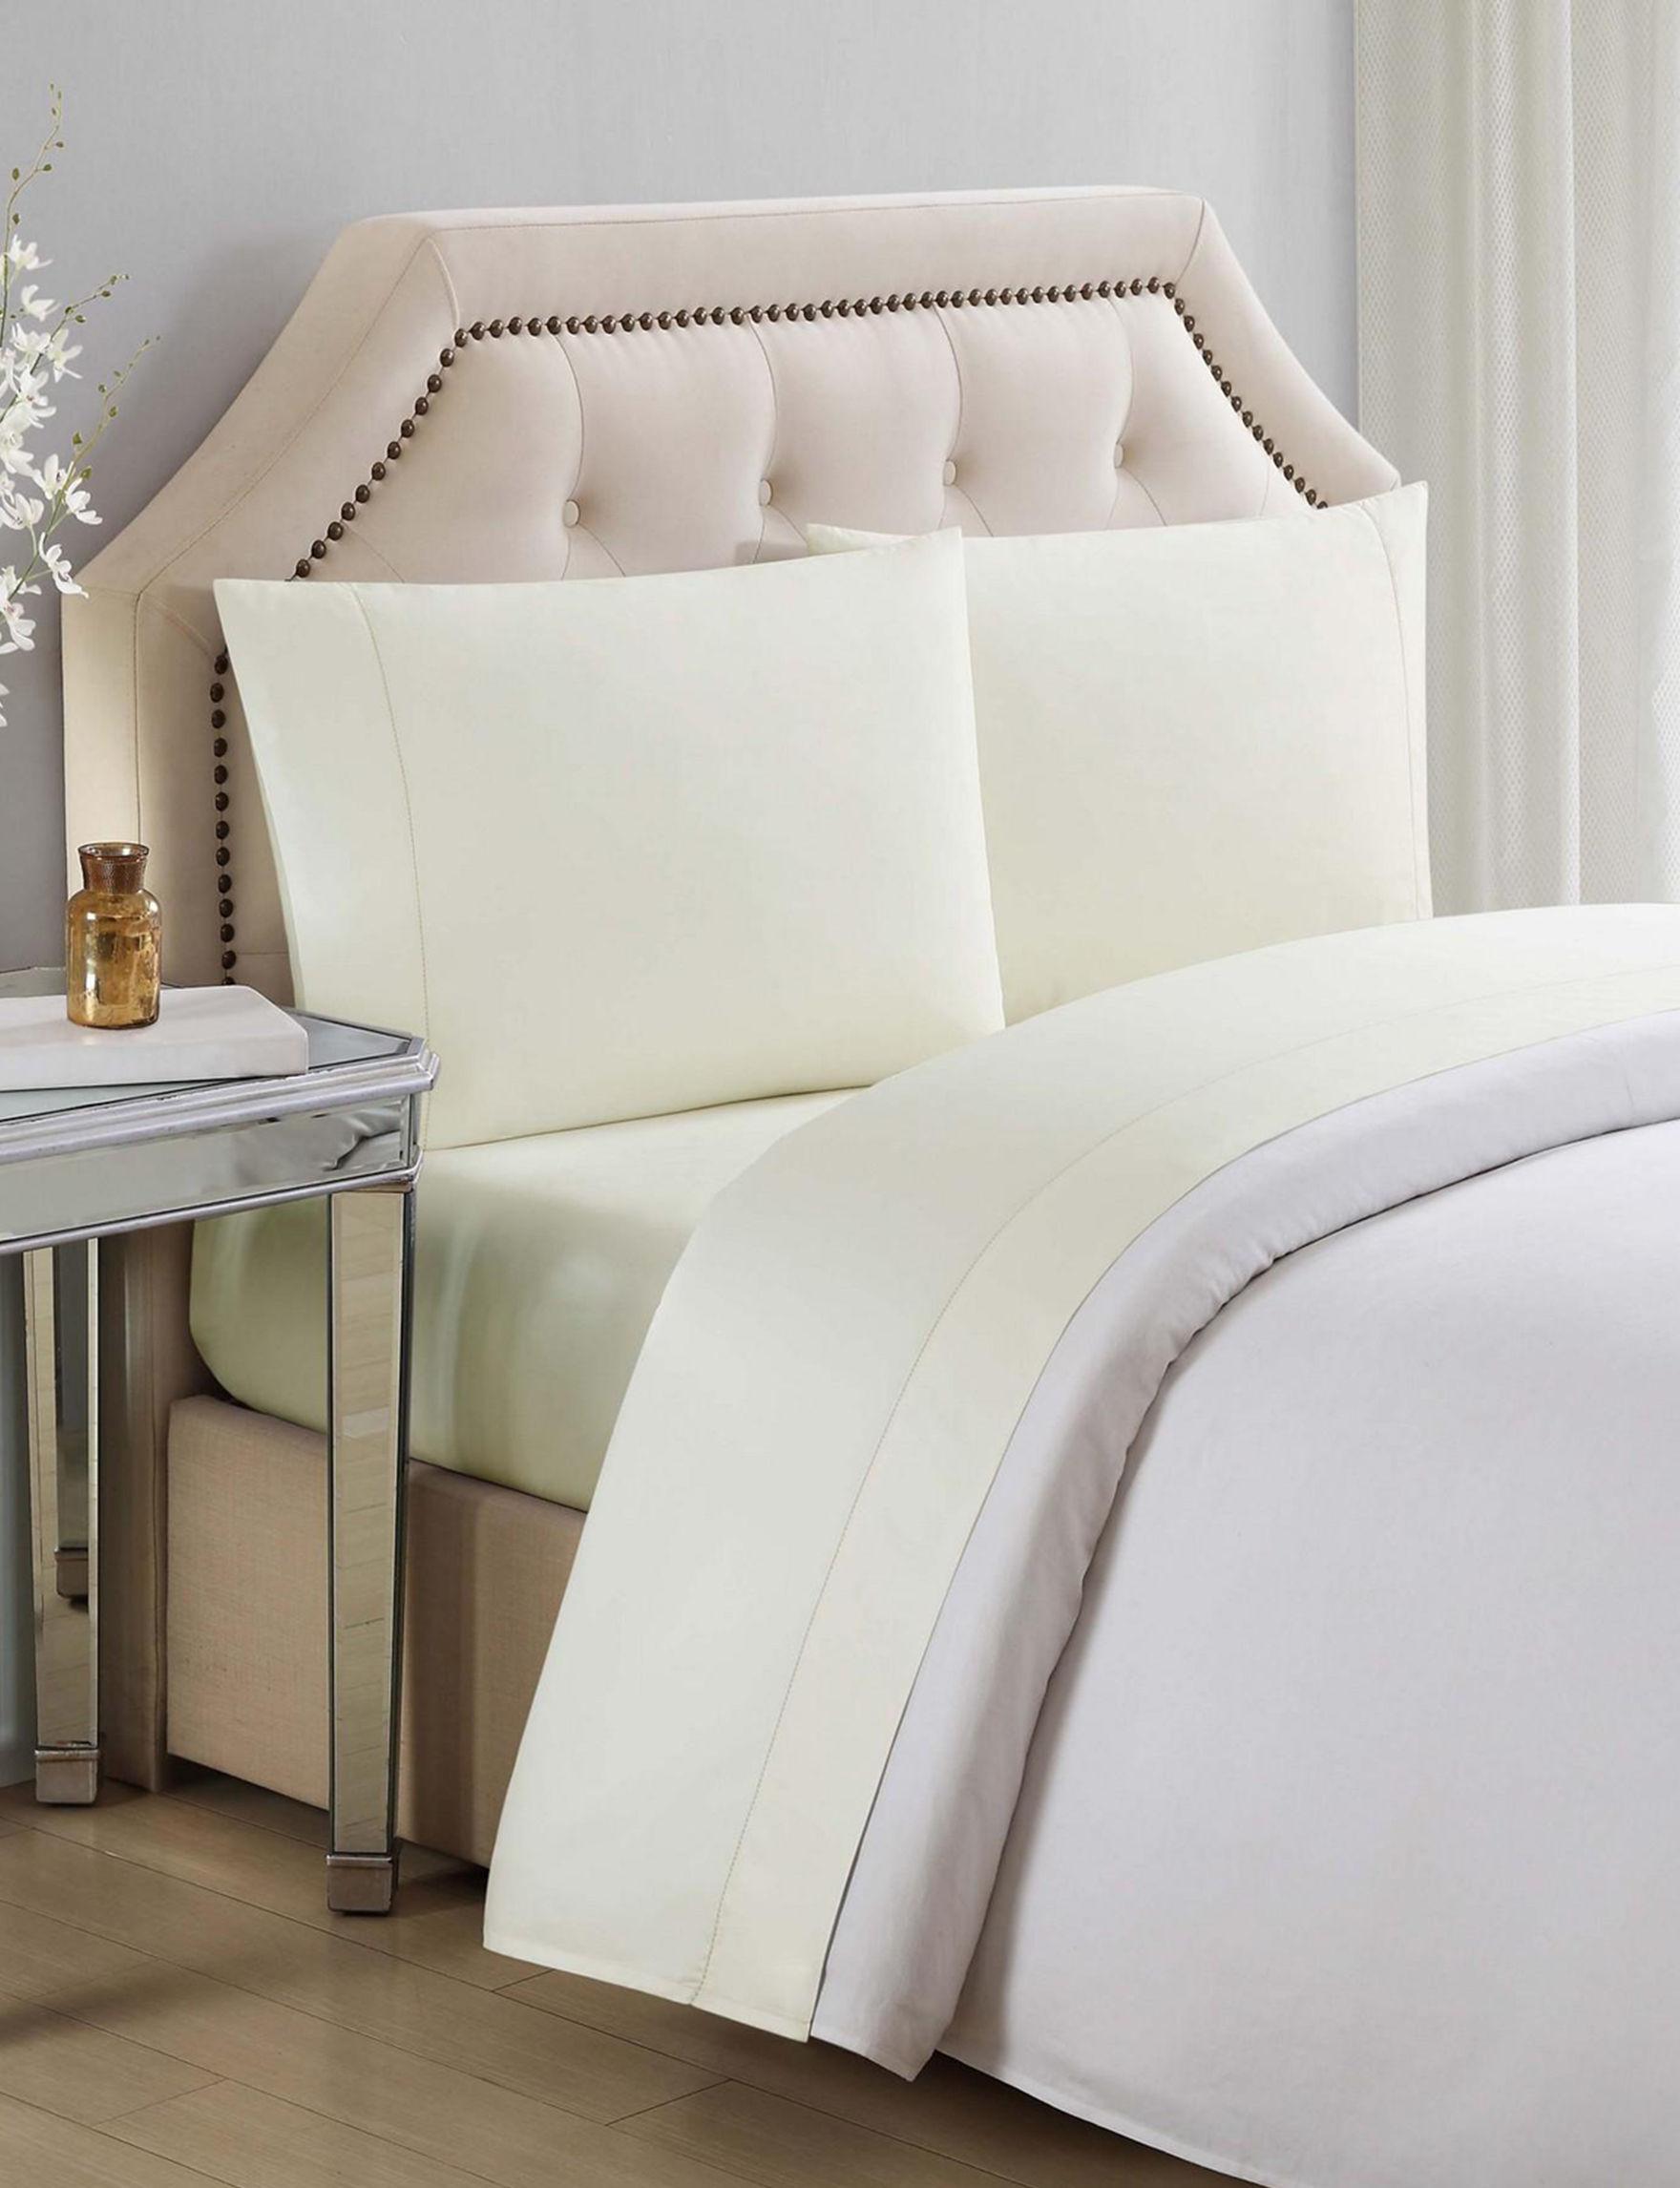 Charisma Yellow Sheets & Pillowcases